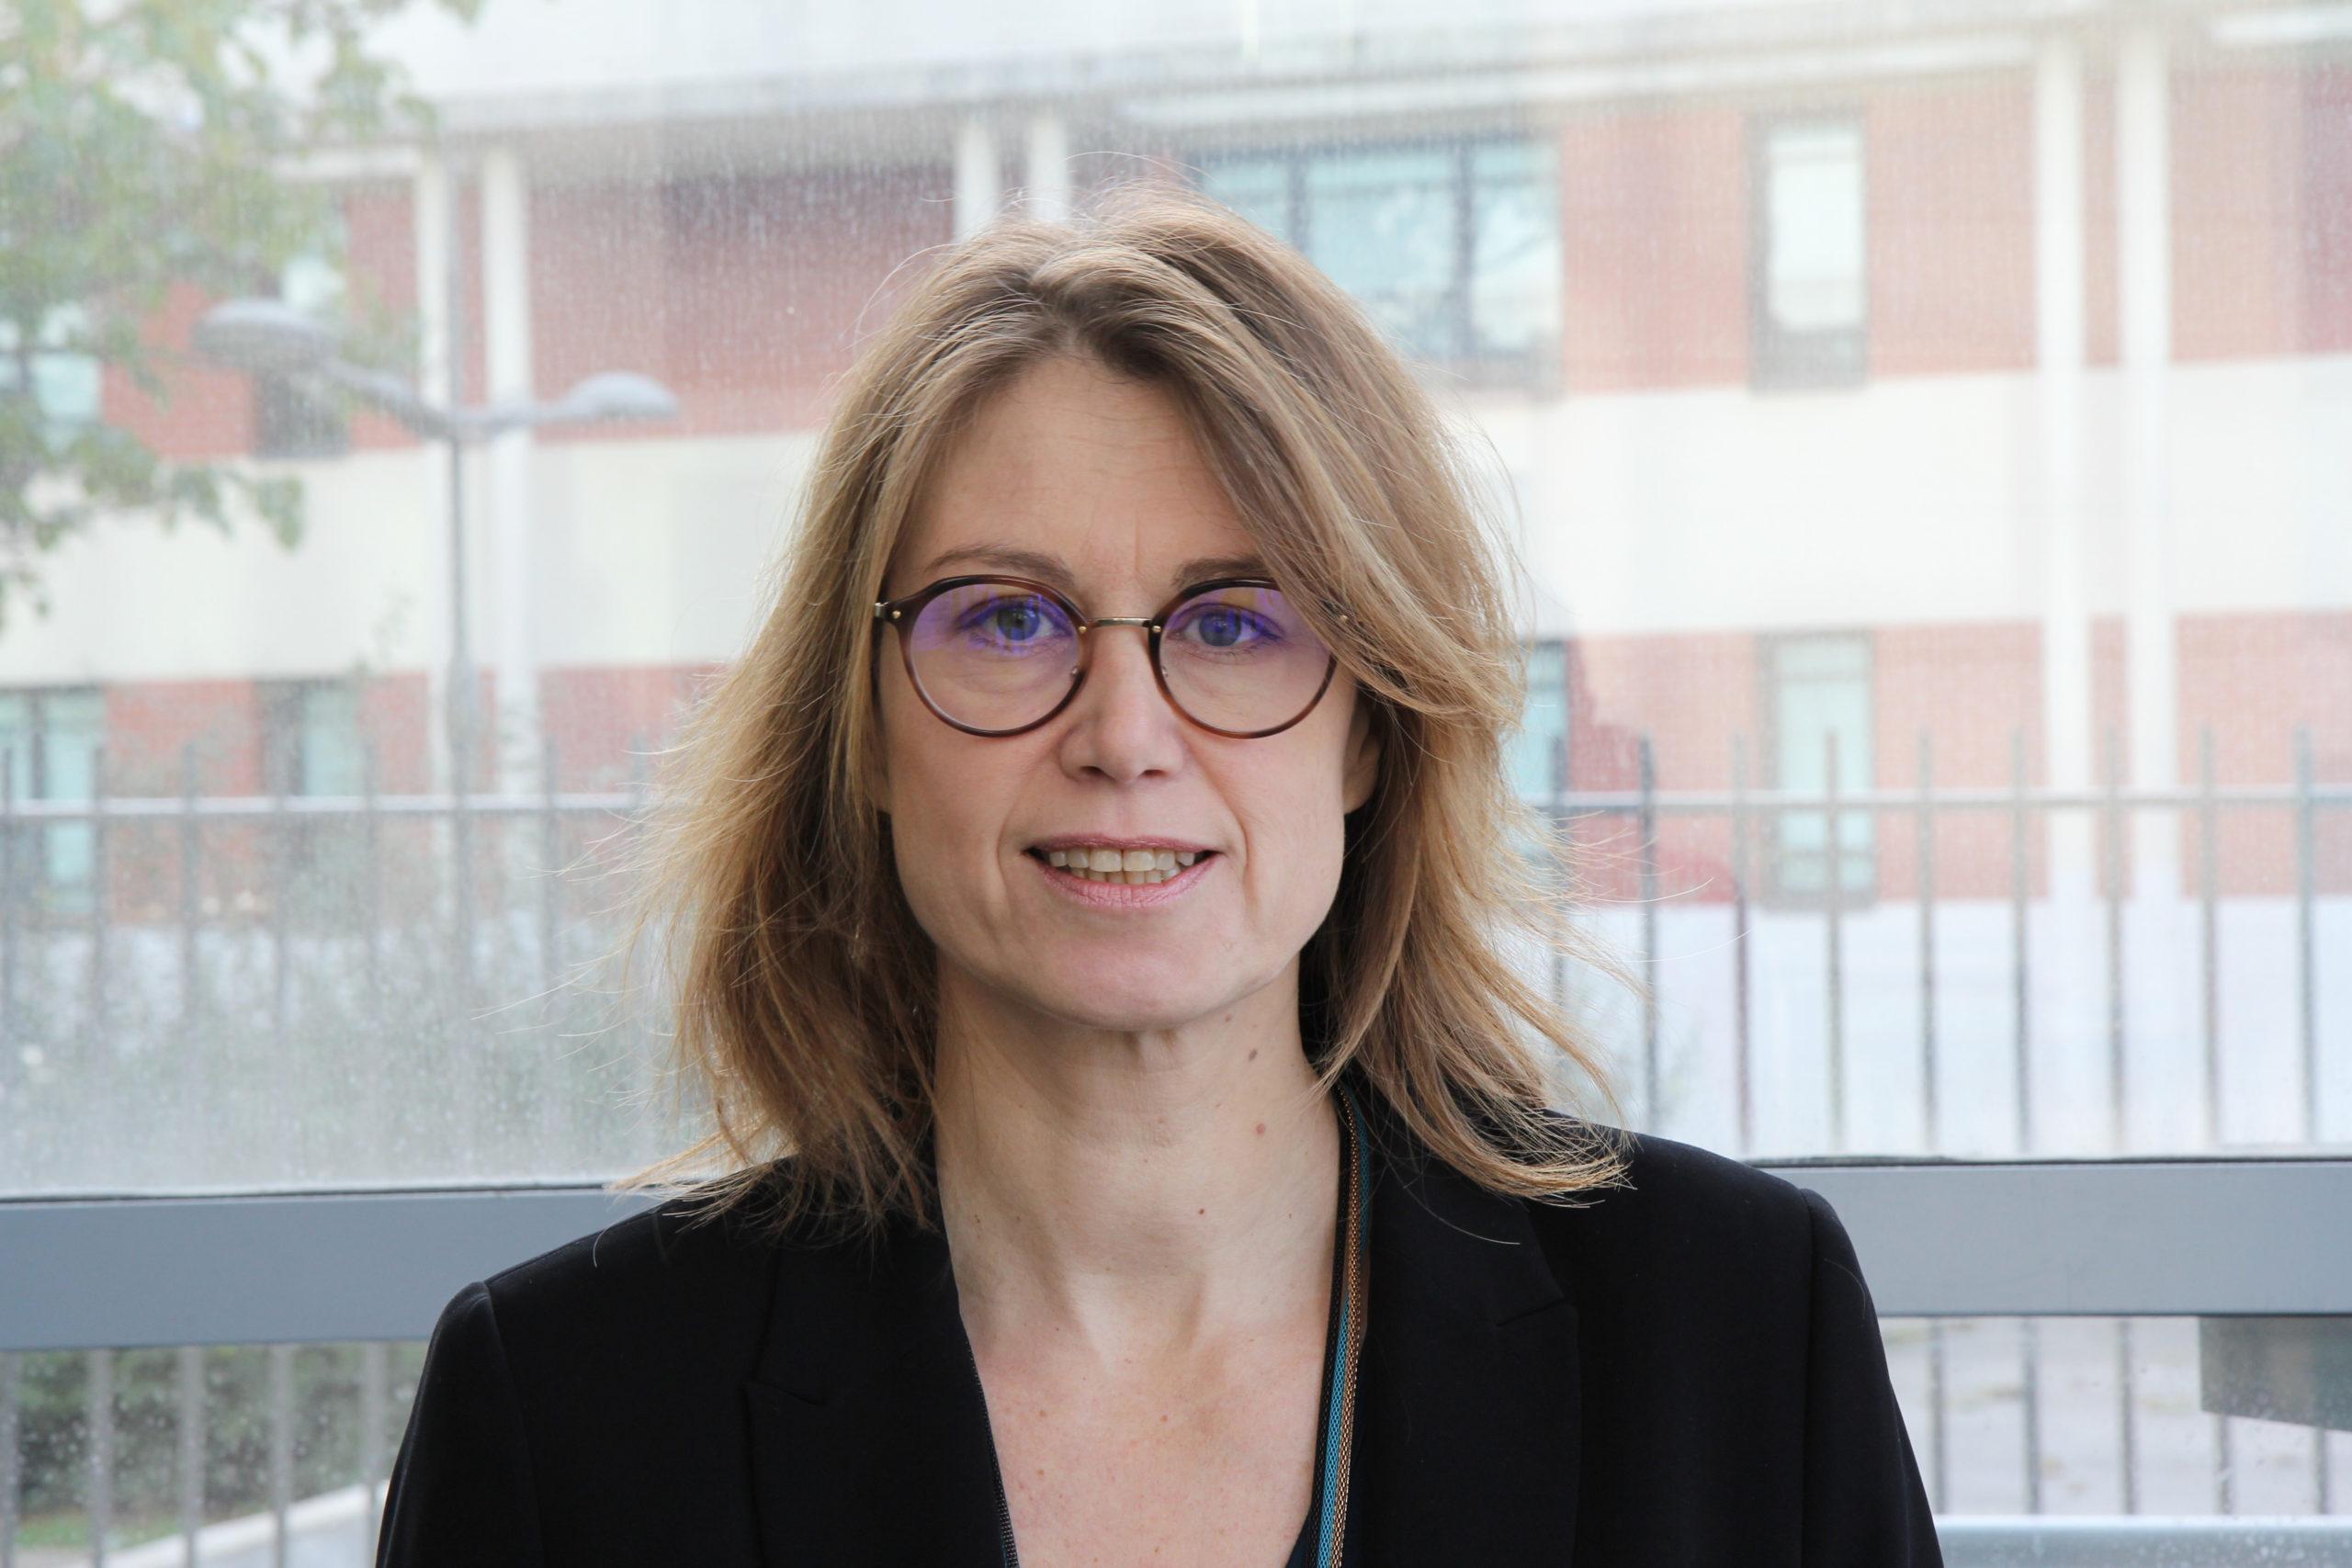 anne-thiebauld-est-directrice-des-risques-professionnels-au-sein-de-la-branche-accidents-du-travail-et-maladies-professionnelles-de-la-cnam.